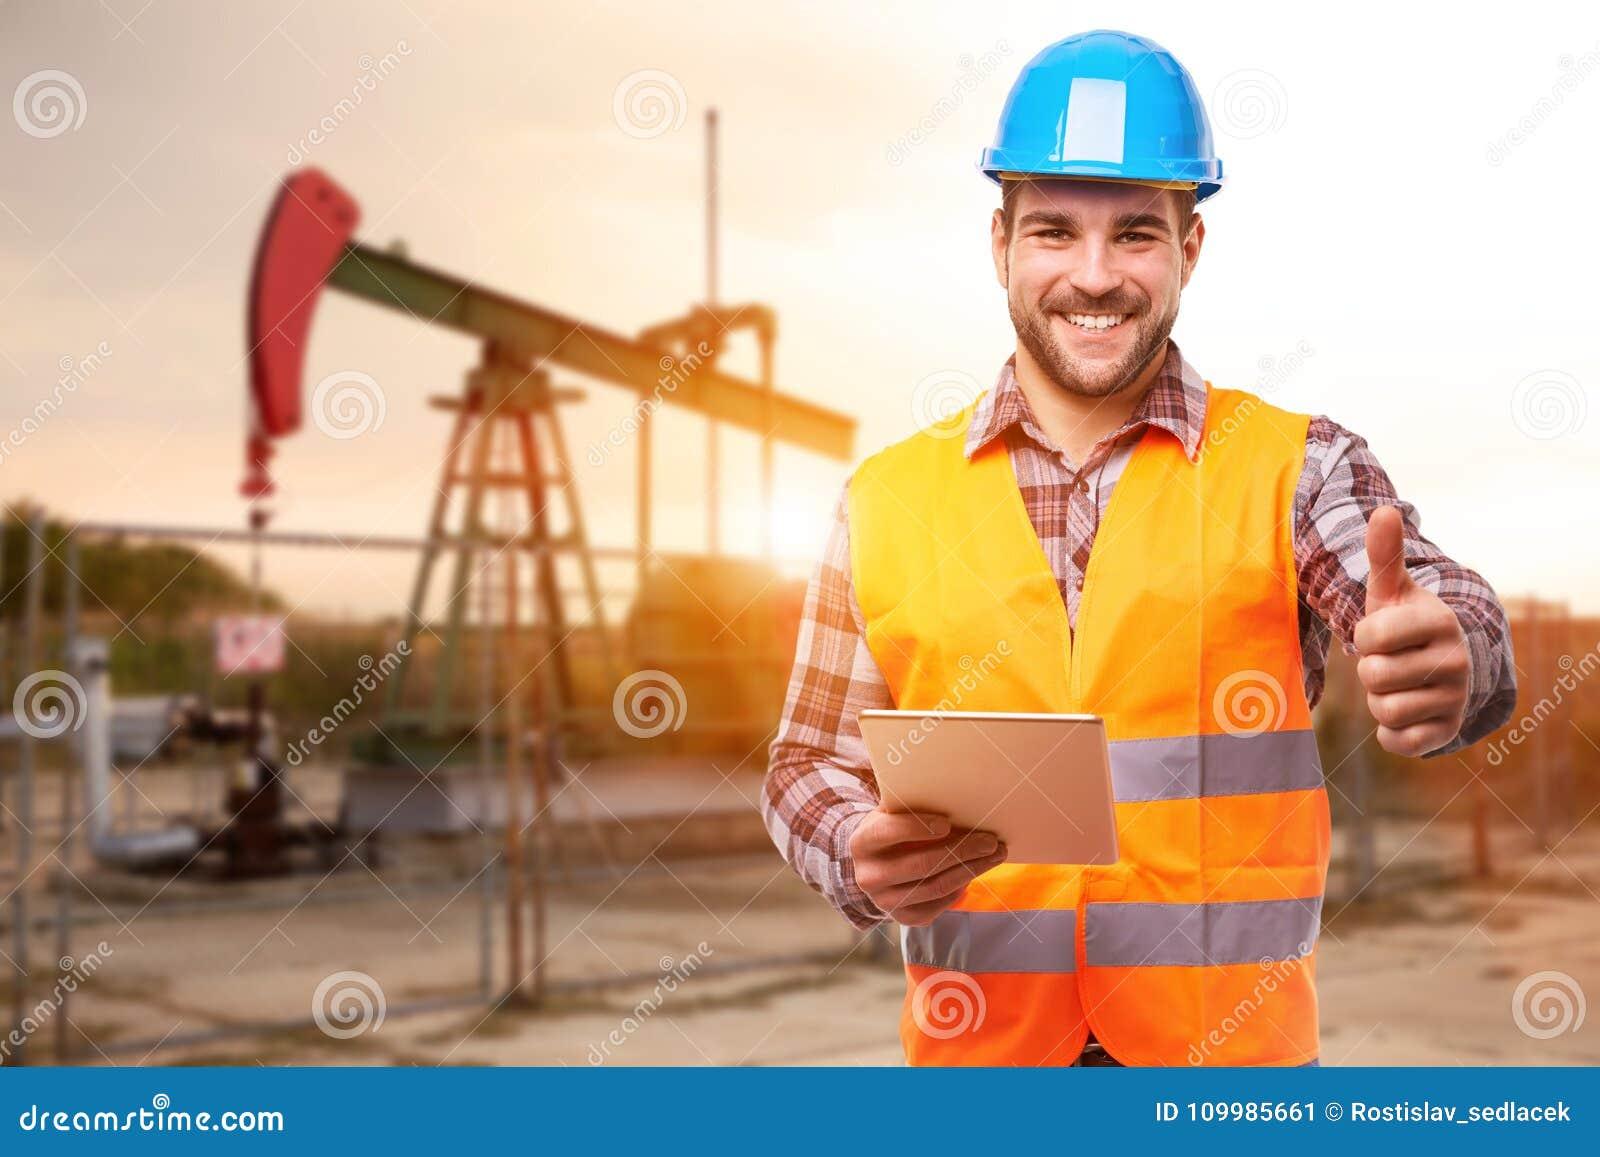 Travailleur de raffinerie se tenant devant la pompe à huile